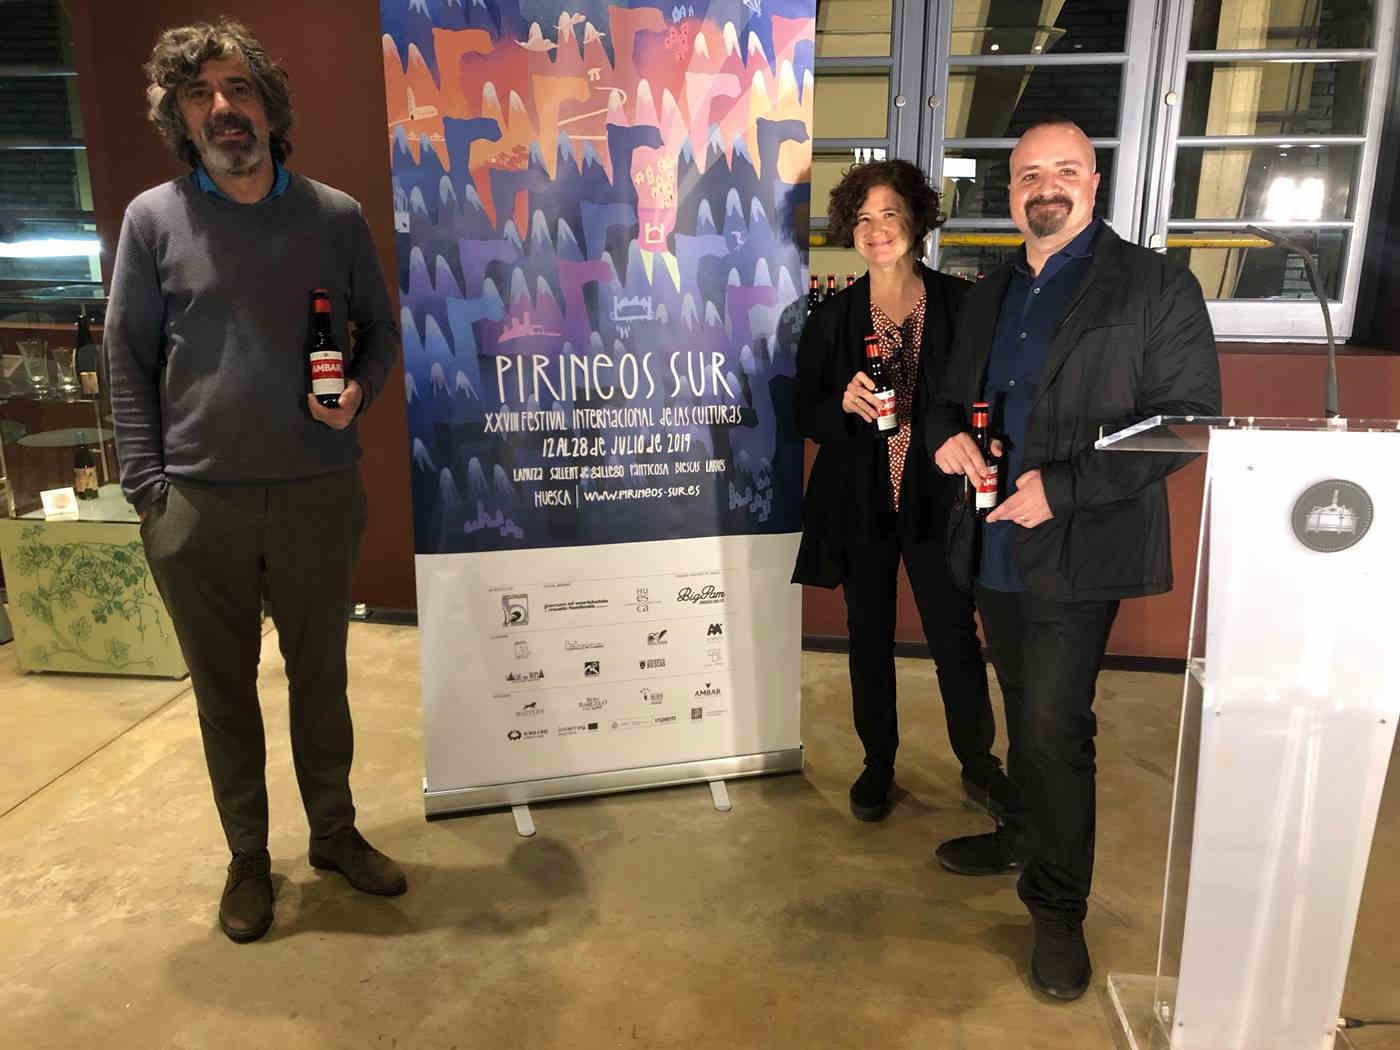 La apertura sonora protagoniza la 28ª edición de Pirineos Sur